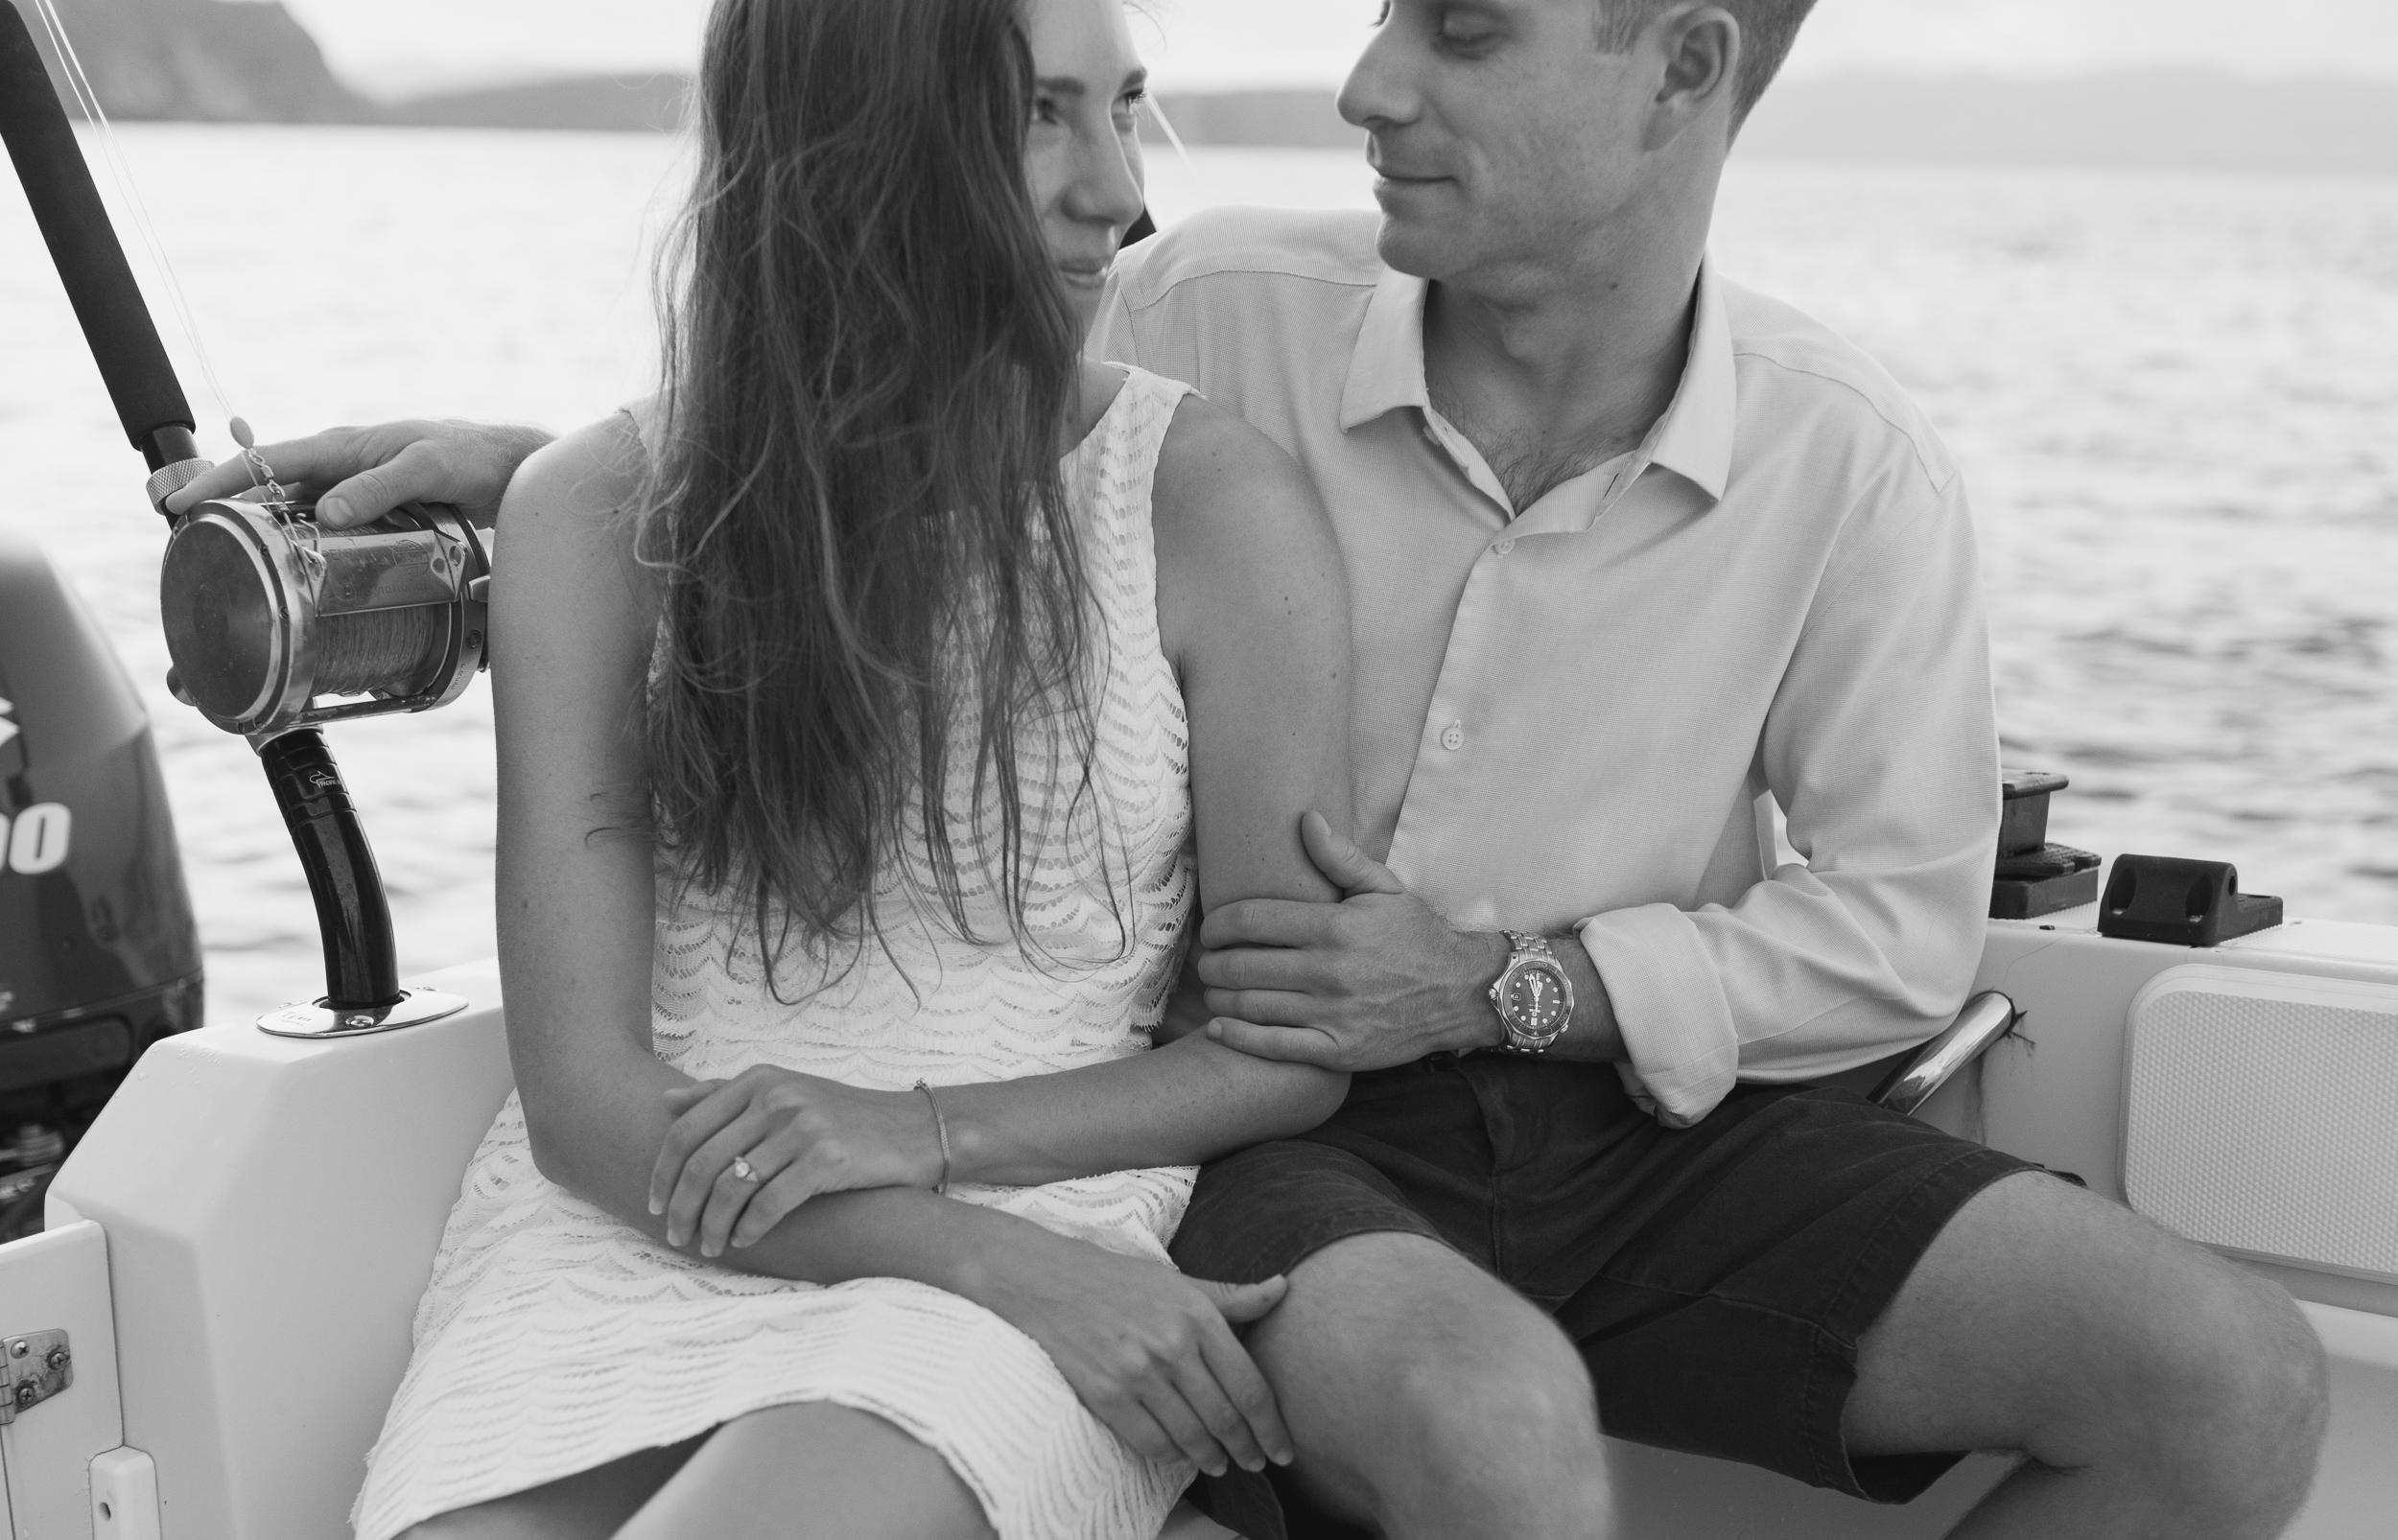 EngagementGuamPhotography-ROXANNEAUGUSTA-2.jpg